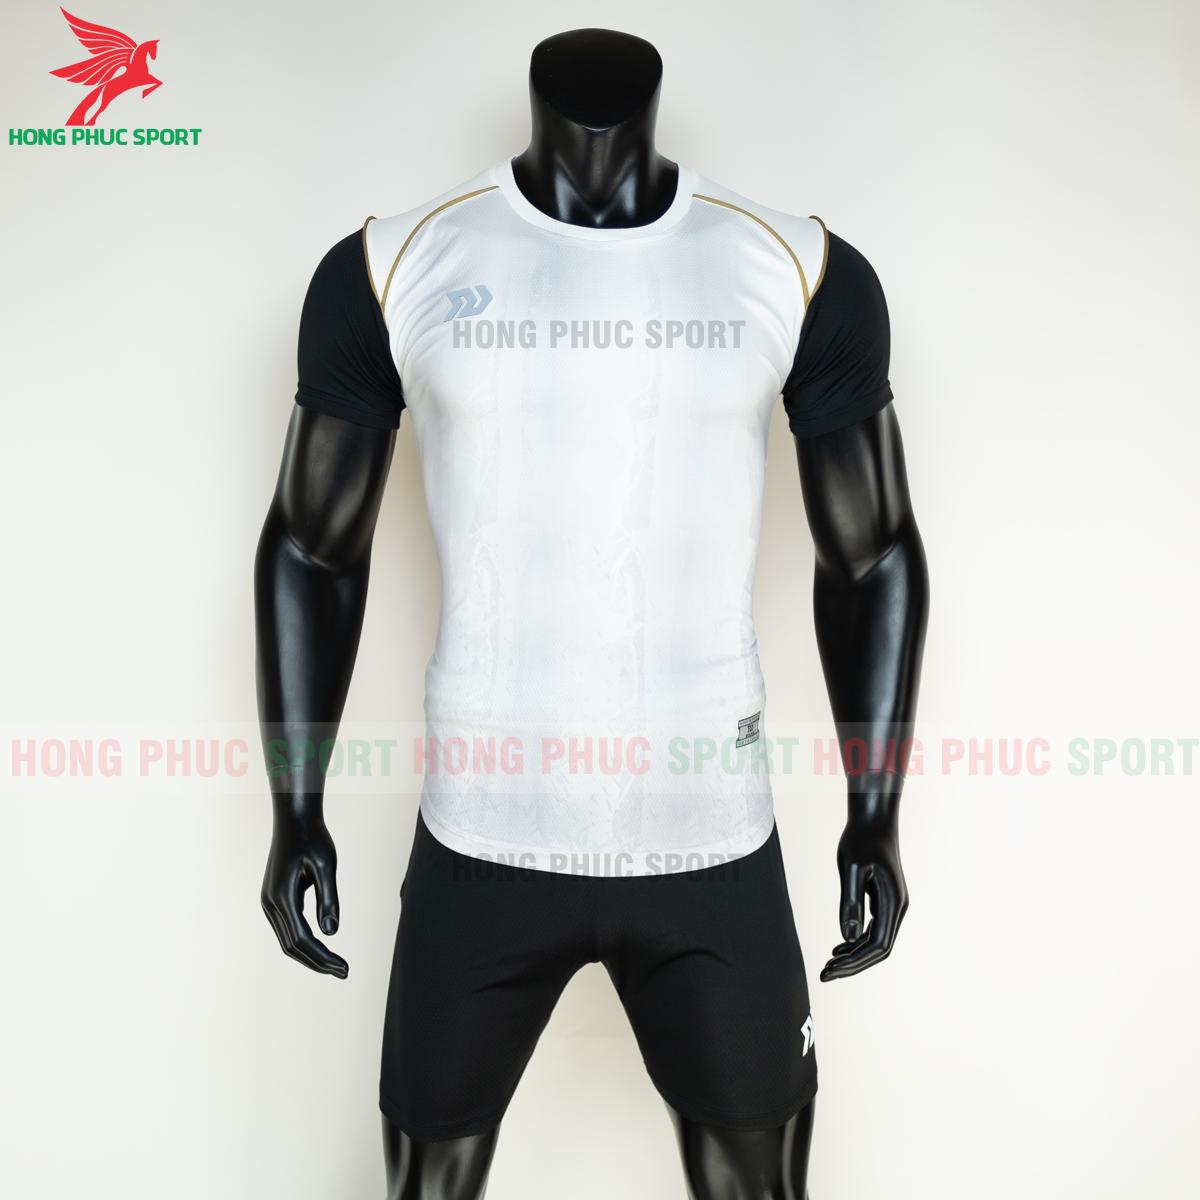 Áo đá banh không logo Bulbal Hades 2021 màu Trắng (trước)